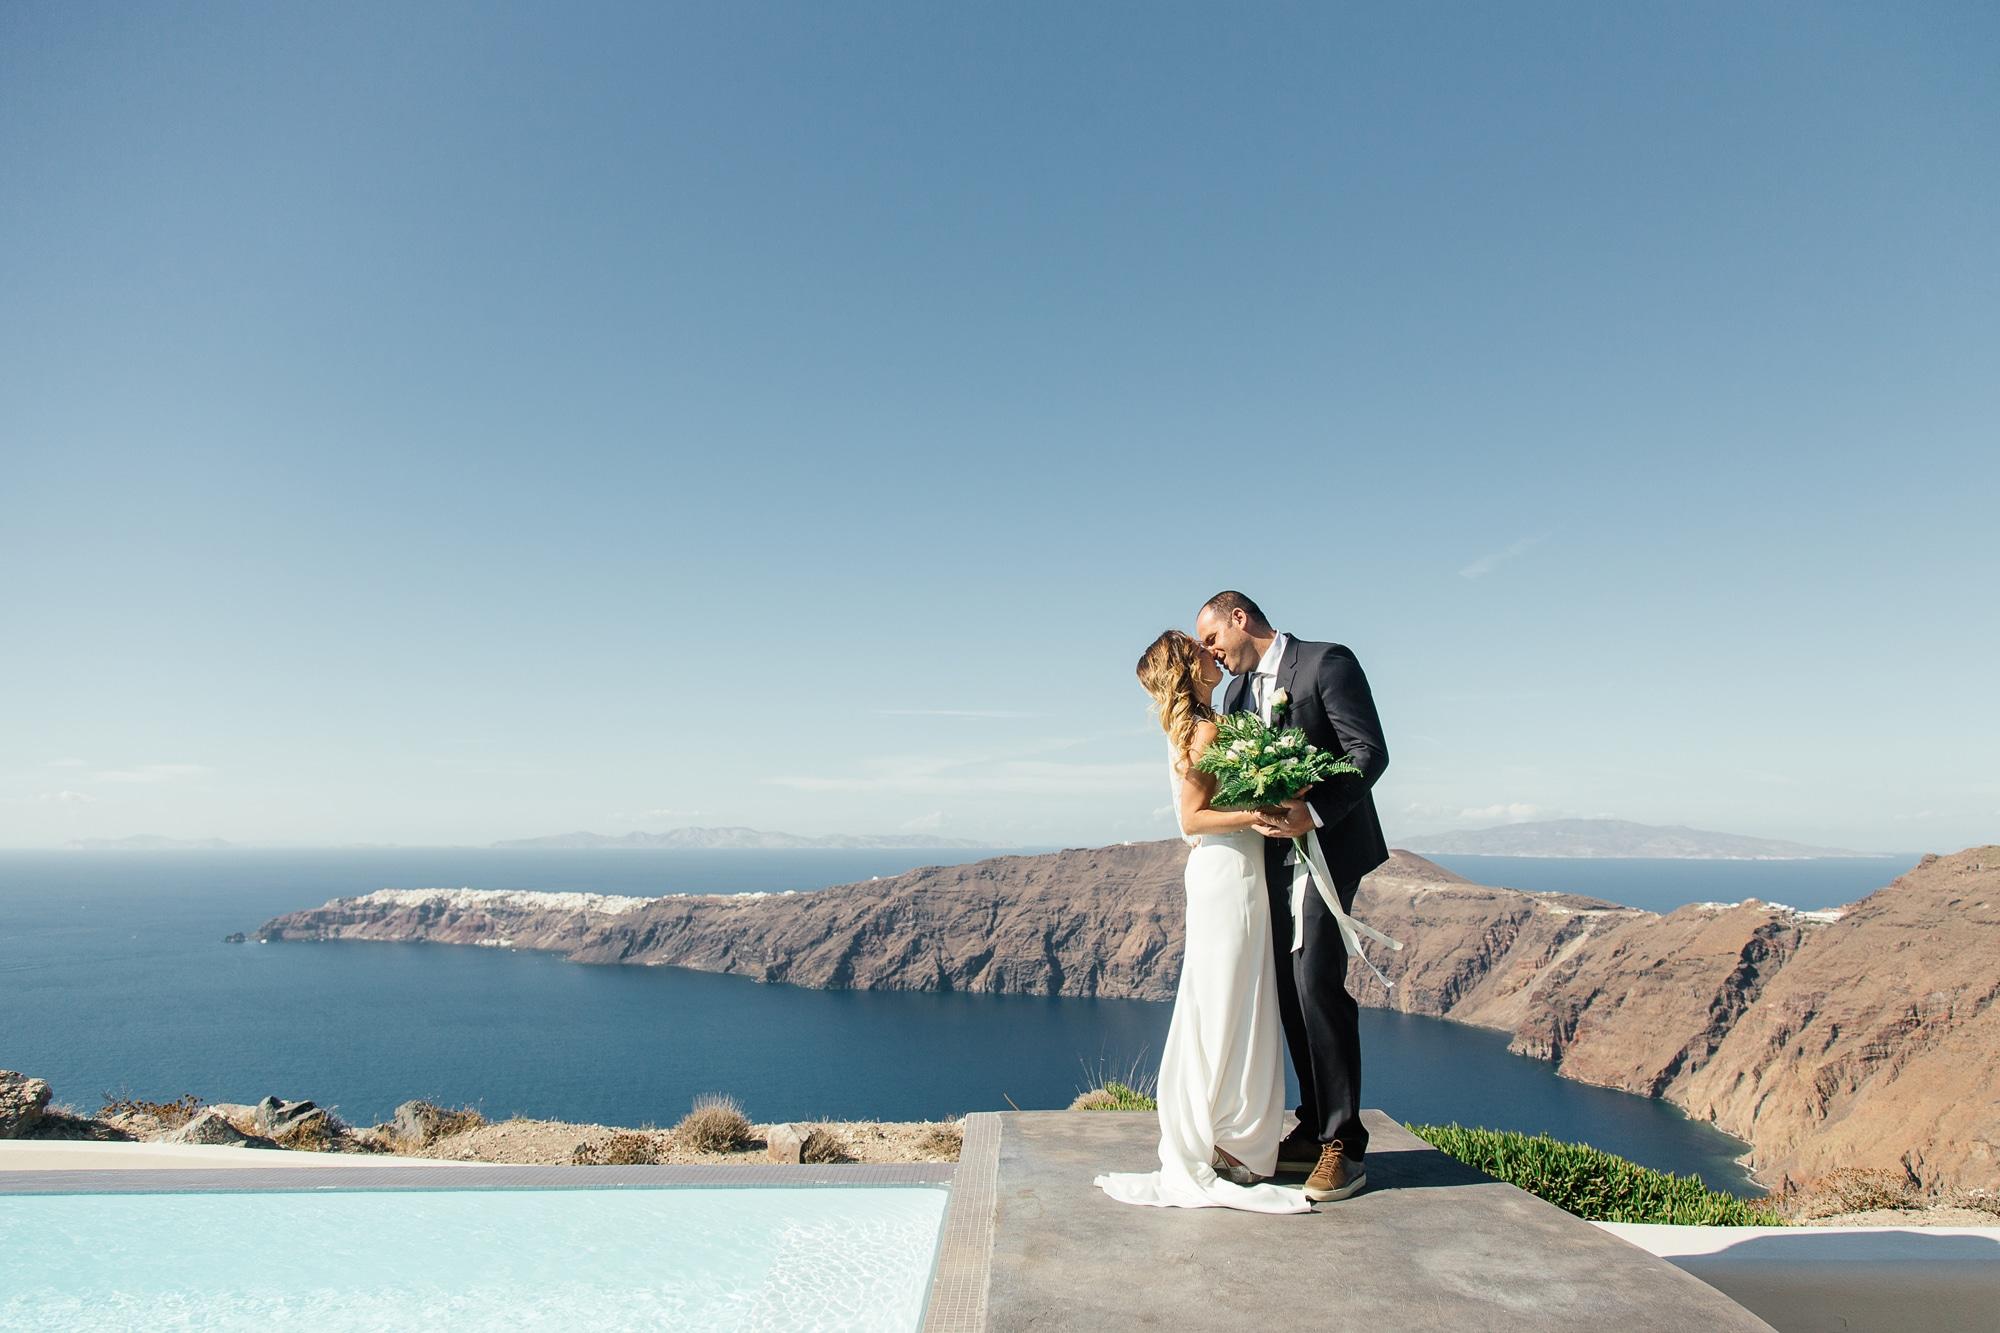 φωτογράφιση νύφης και γαμπρού στη Σαντορίνη Olga Creative photography